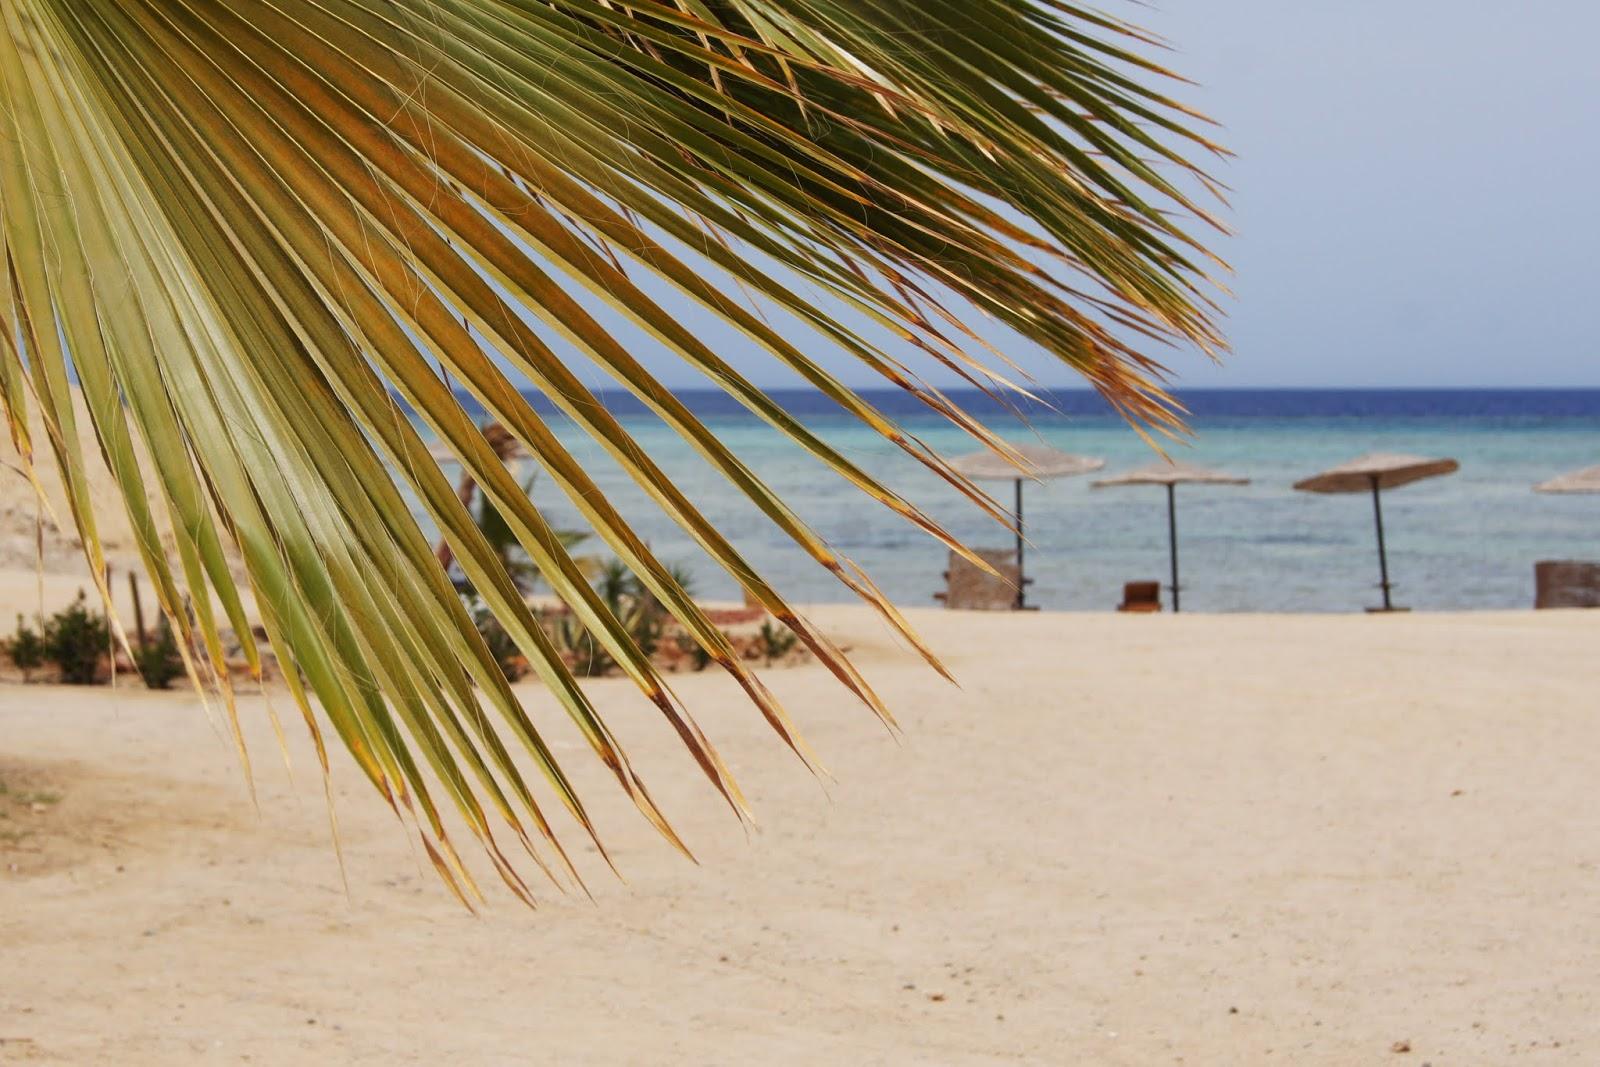 Afrykańskie słońce, rafy koralowe i turkusowe Morze Czerwone, czyli wakacje w Egipcie